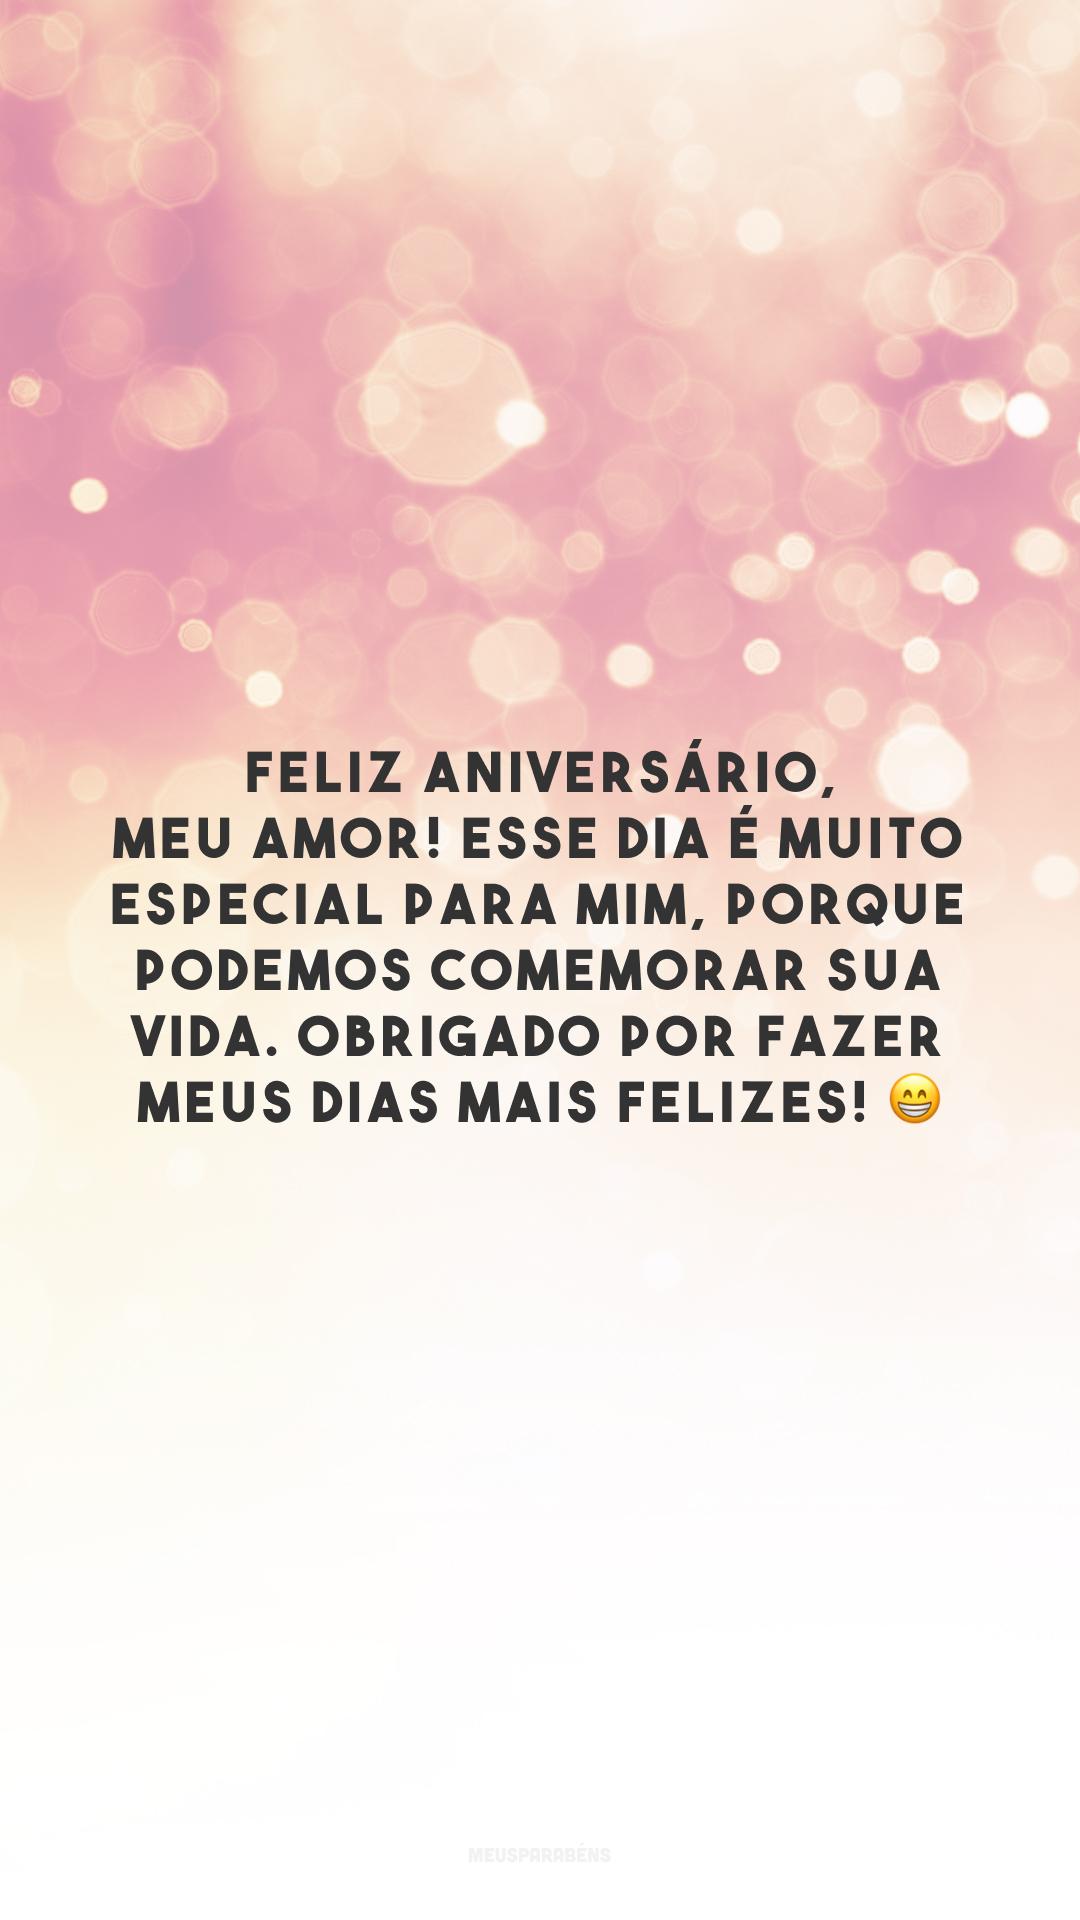 Feliz aniversário, meu amor! Esse dia é muito especial para mim, porque podemos comemorar sua vida. Obrigado por fazer meus dias mais felizes! 😁